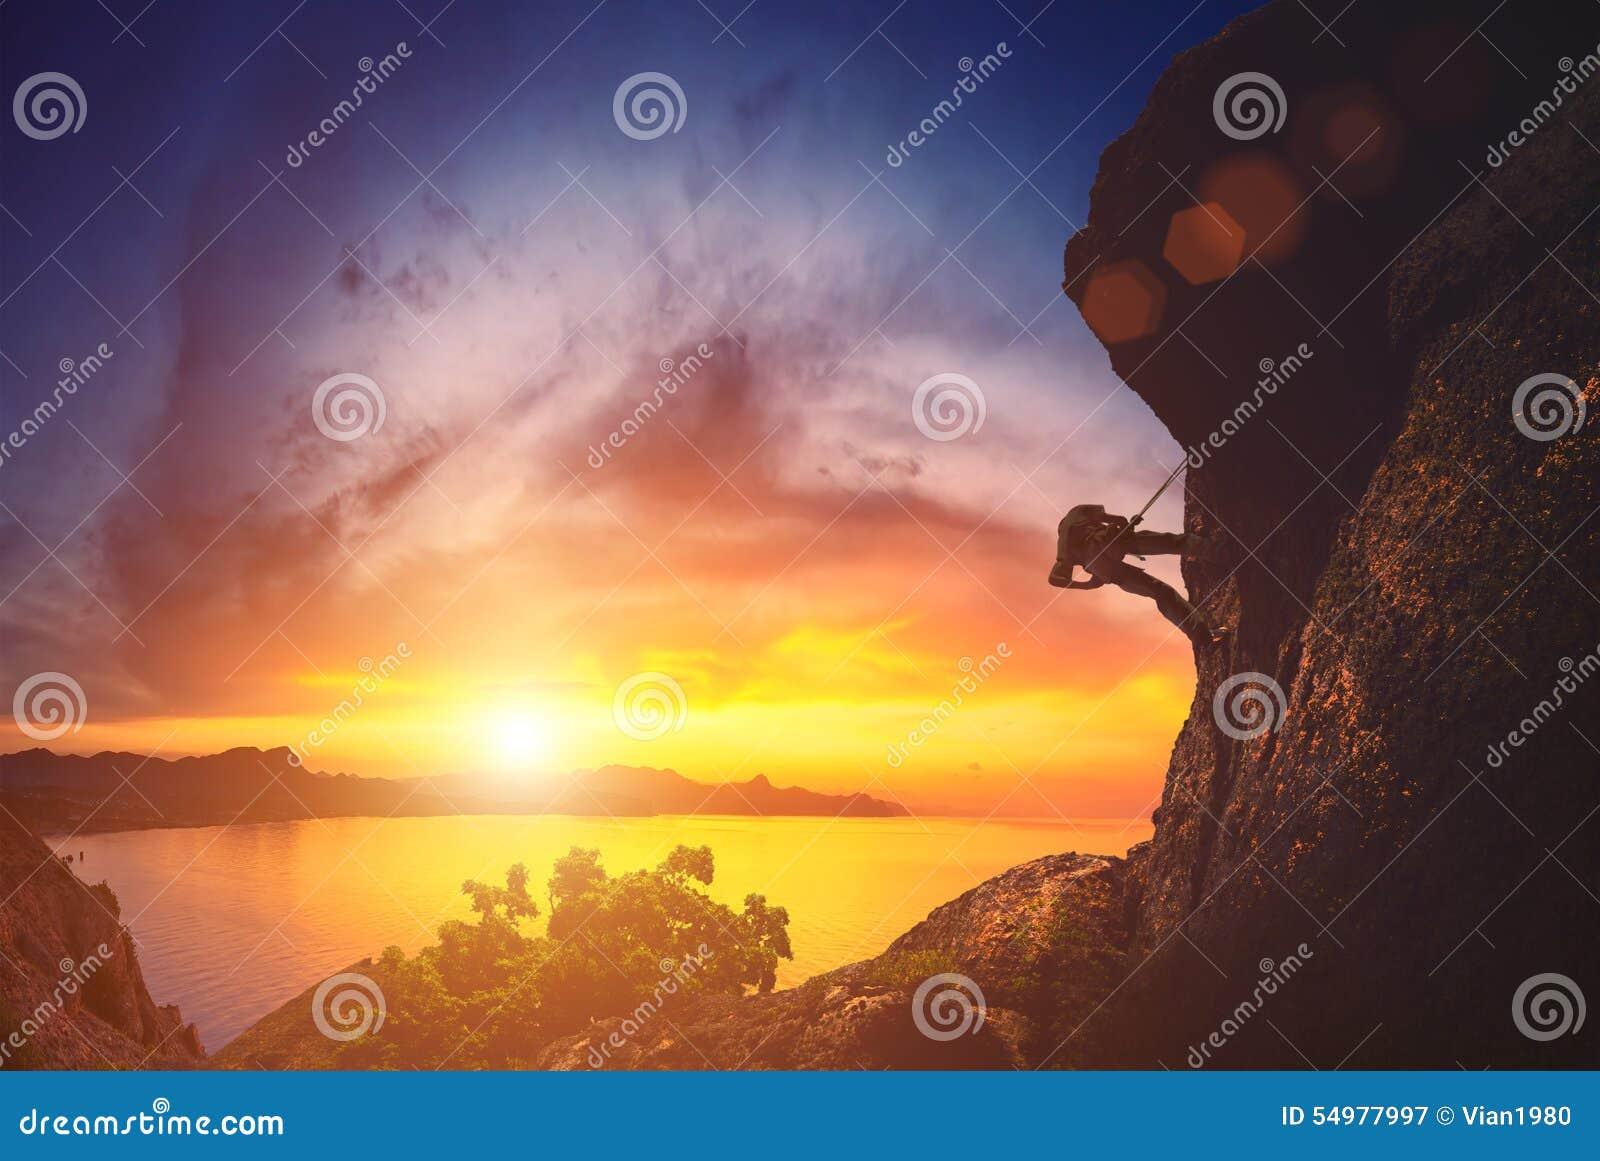 Klättrare mot solnedgång